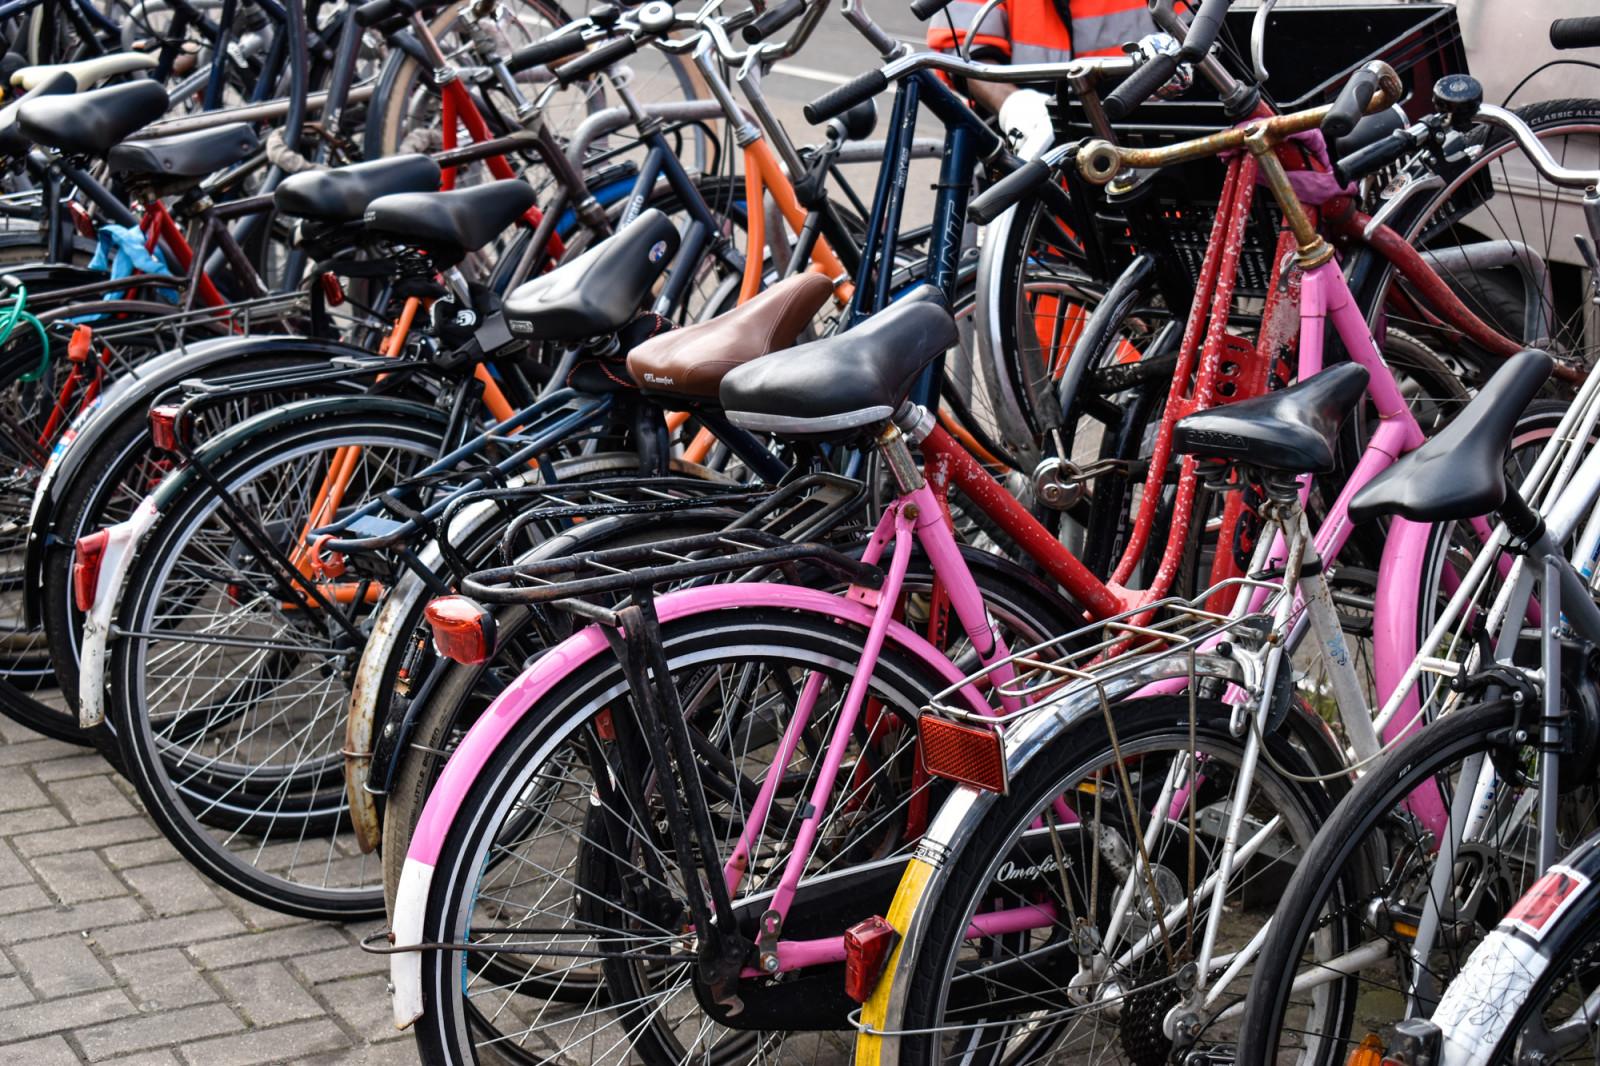 bicicletas-de-colores-en-amsterdam